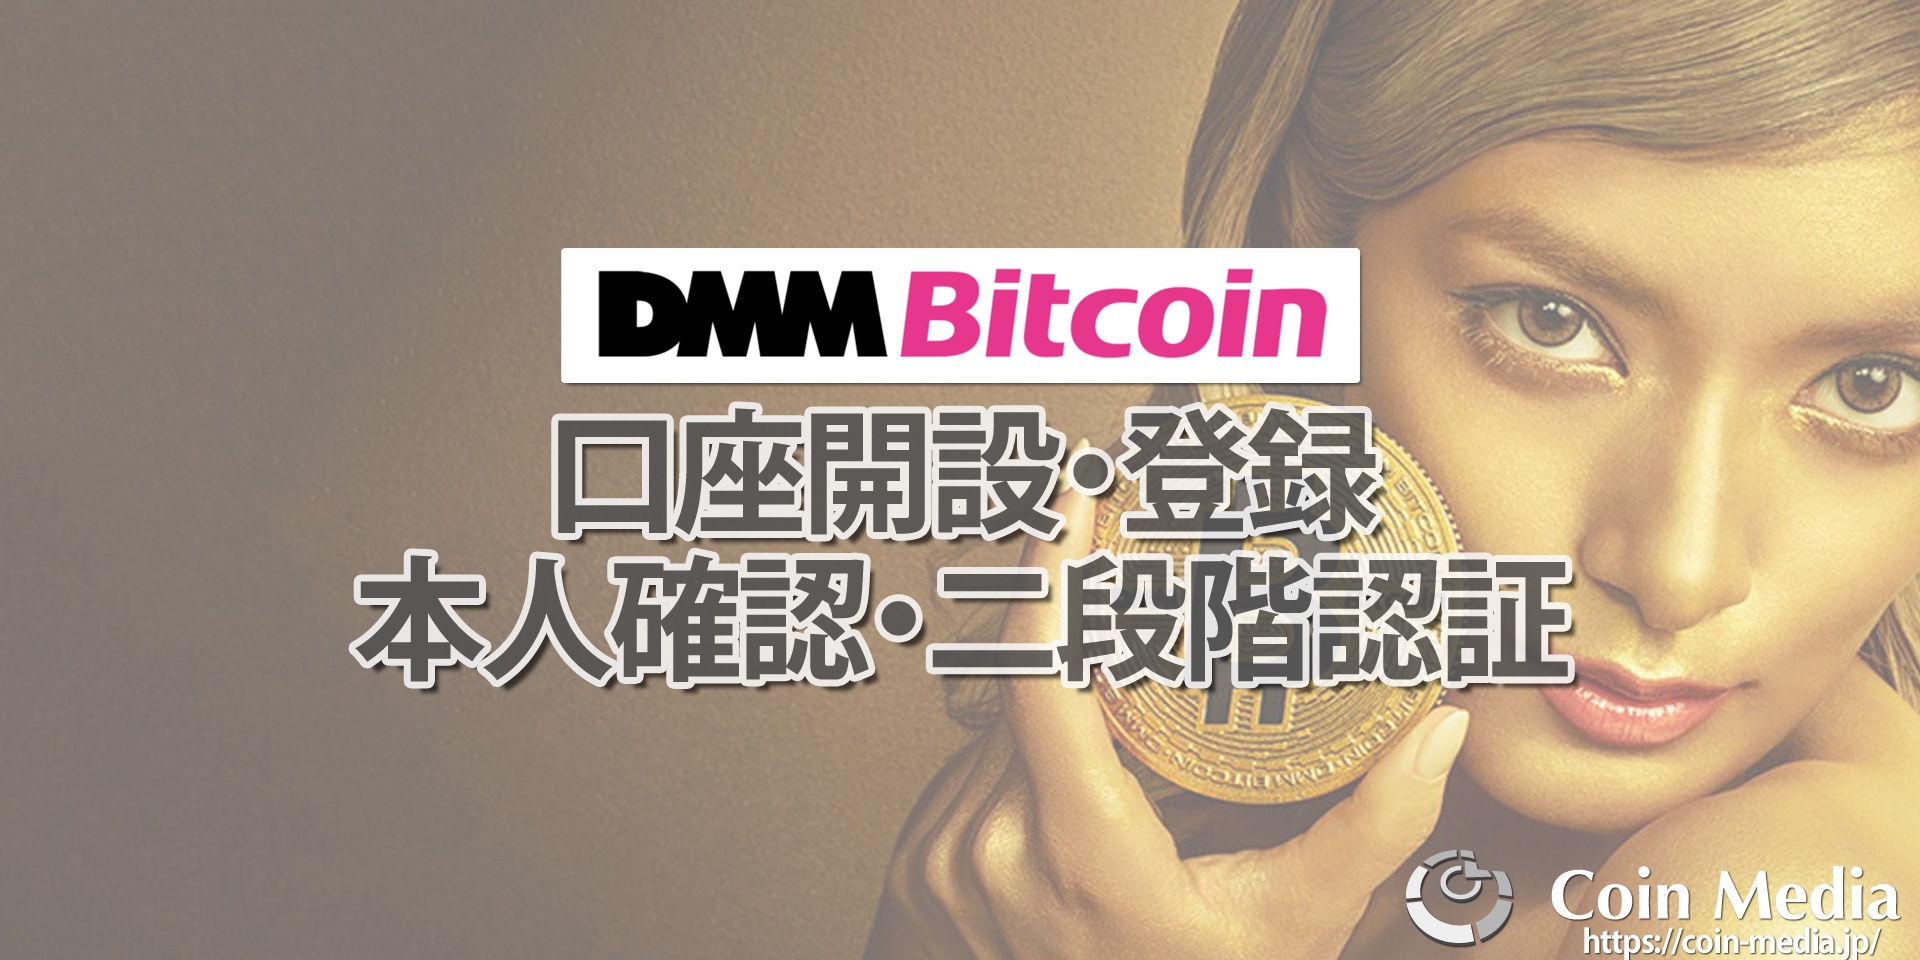 DMMビットコイン口座開設登録方法